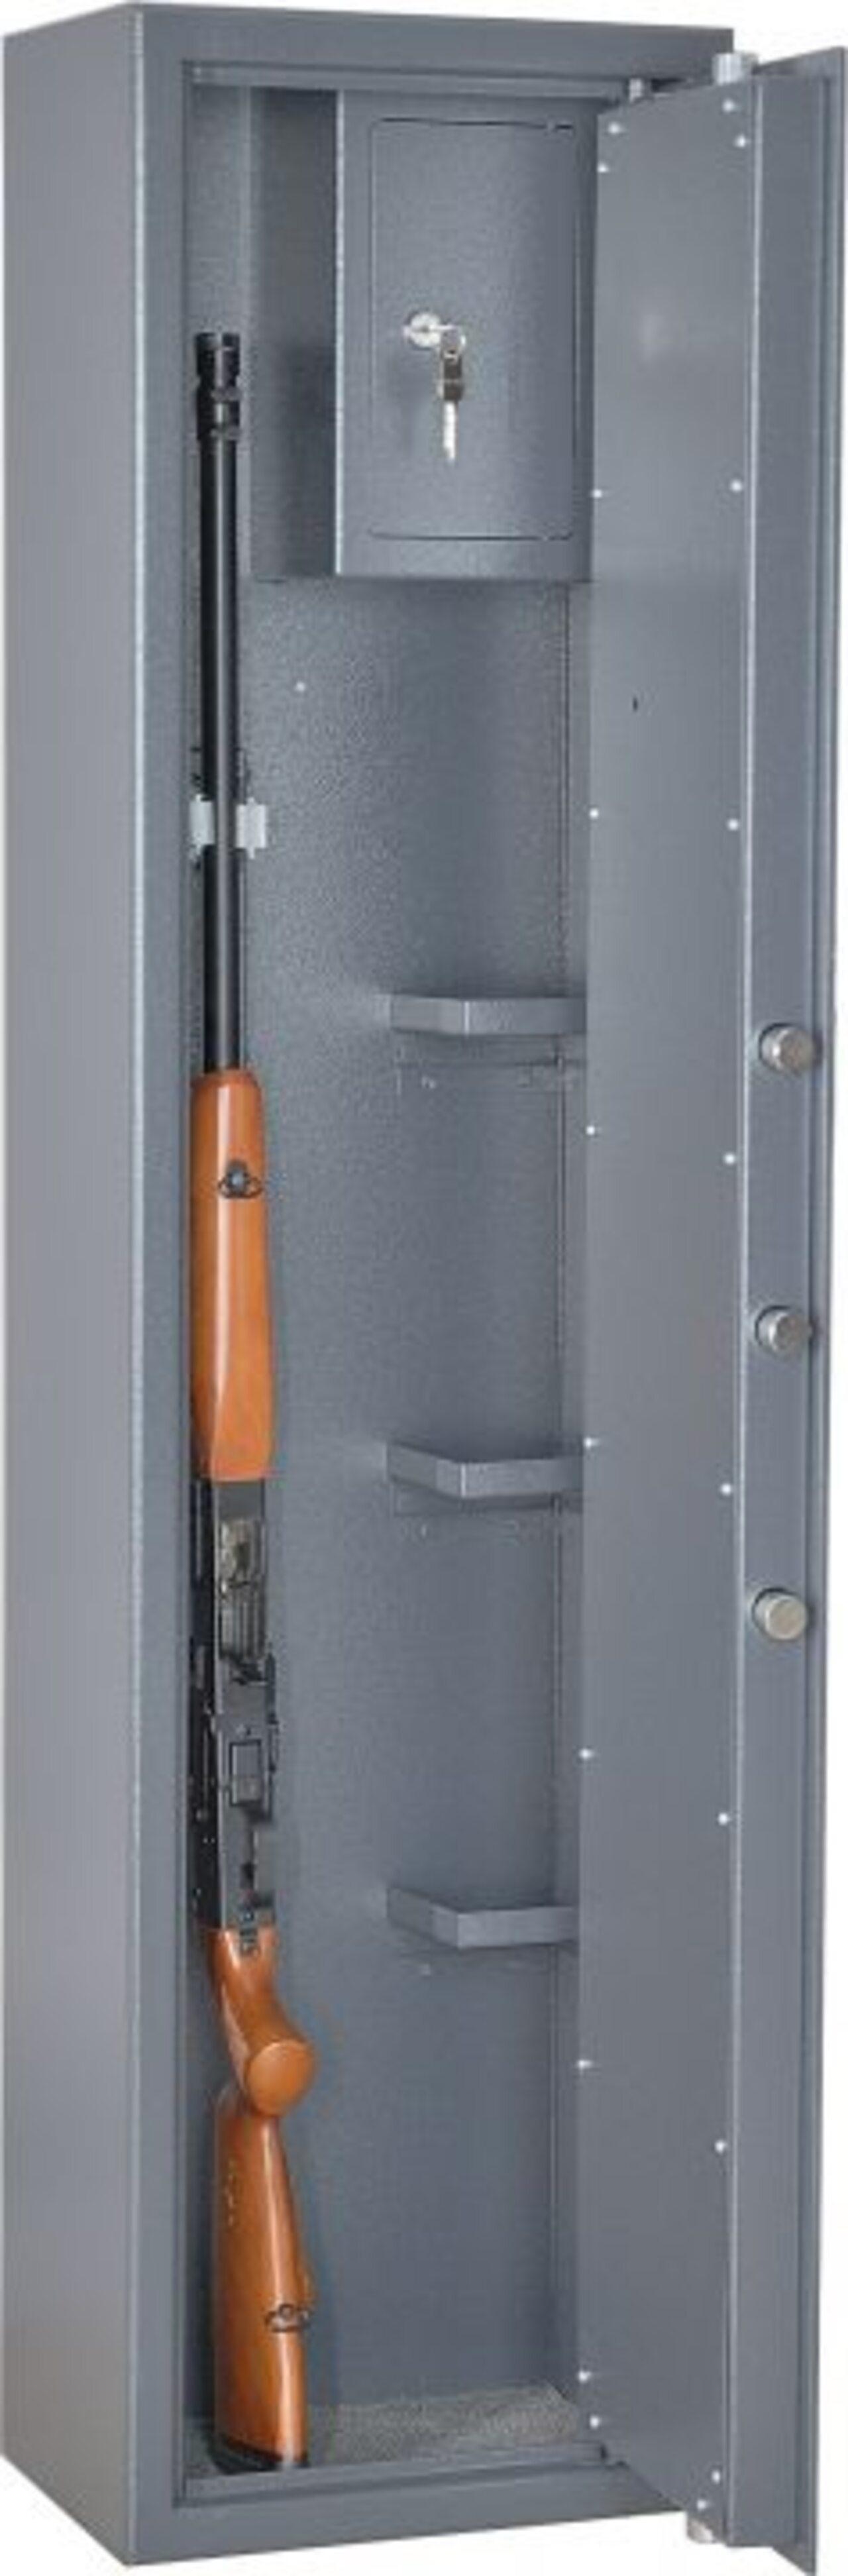 Шкаф оружейный СО-2ЭК - фото 2